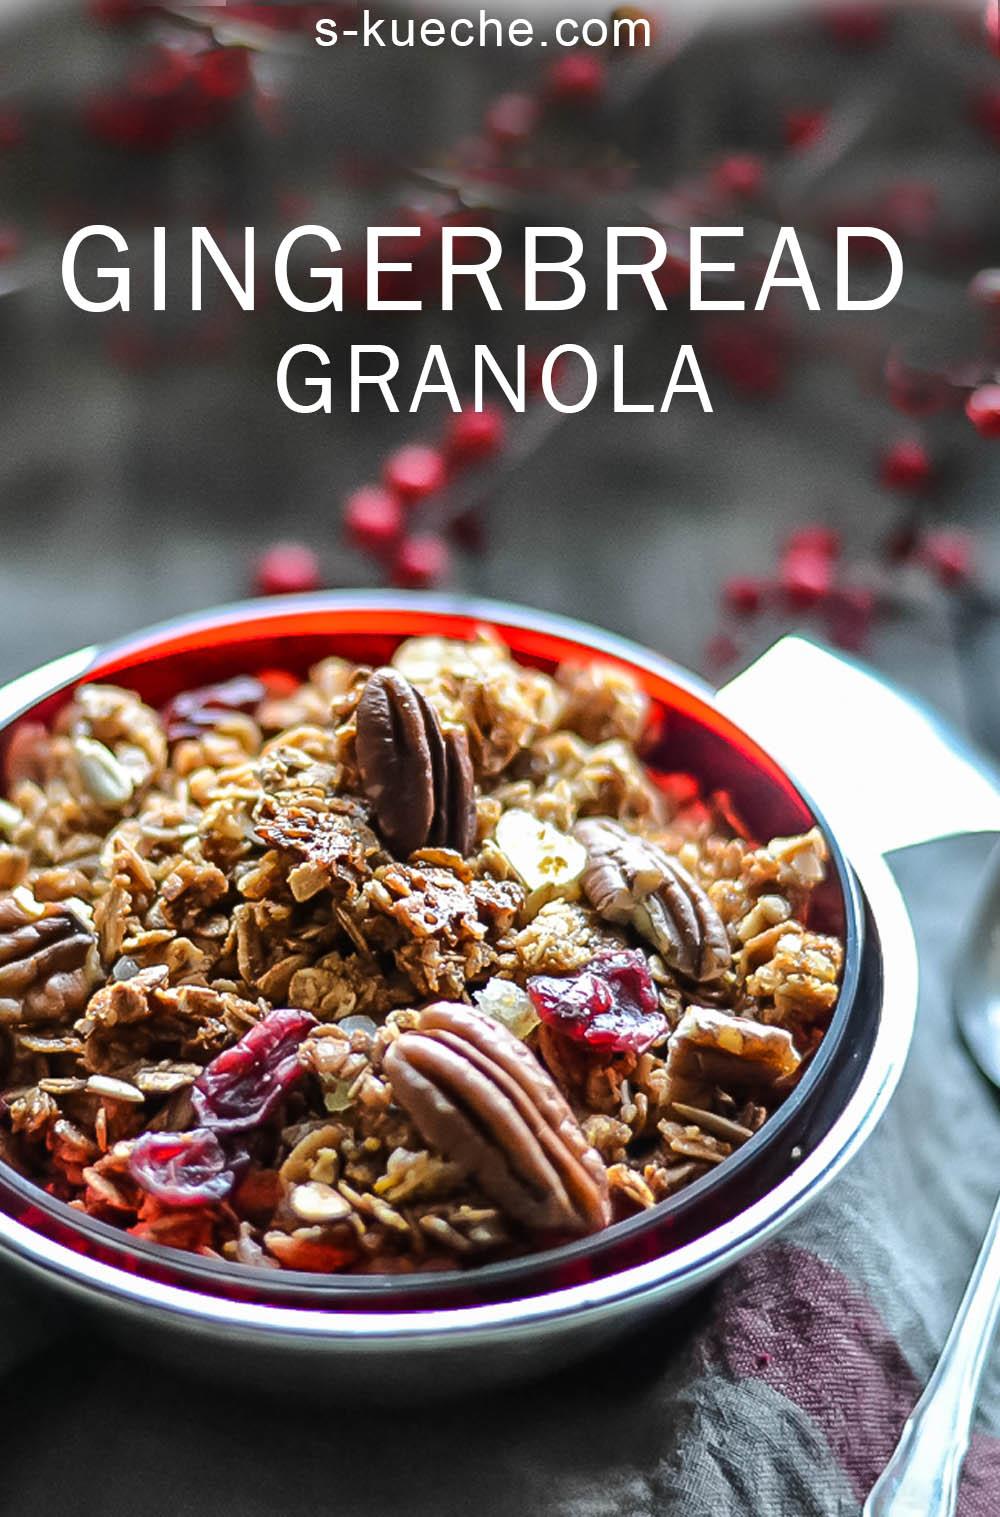 Gingerbread-Granola - der Geschmack von Pfeffernüssen, Ingwer- und Gewürzkeksen in gesundem Frühstück mit Knuspereffekt und Lebkuchen Aroma # frühstück #rezept #weihnachten #granola #gingerbread